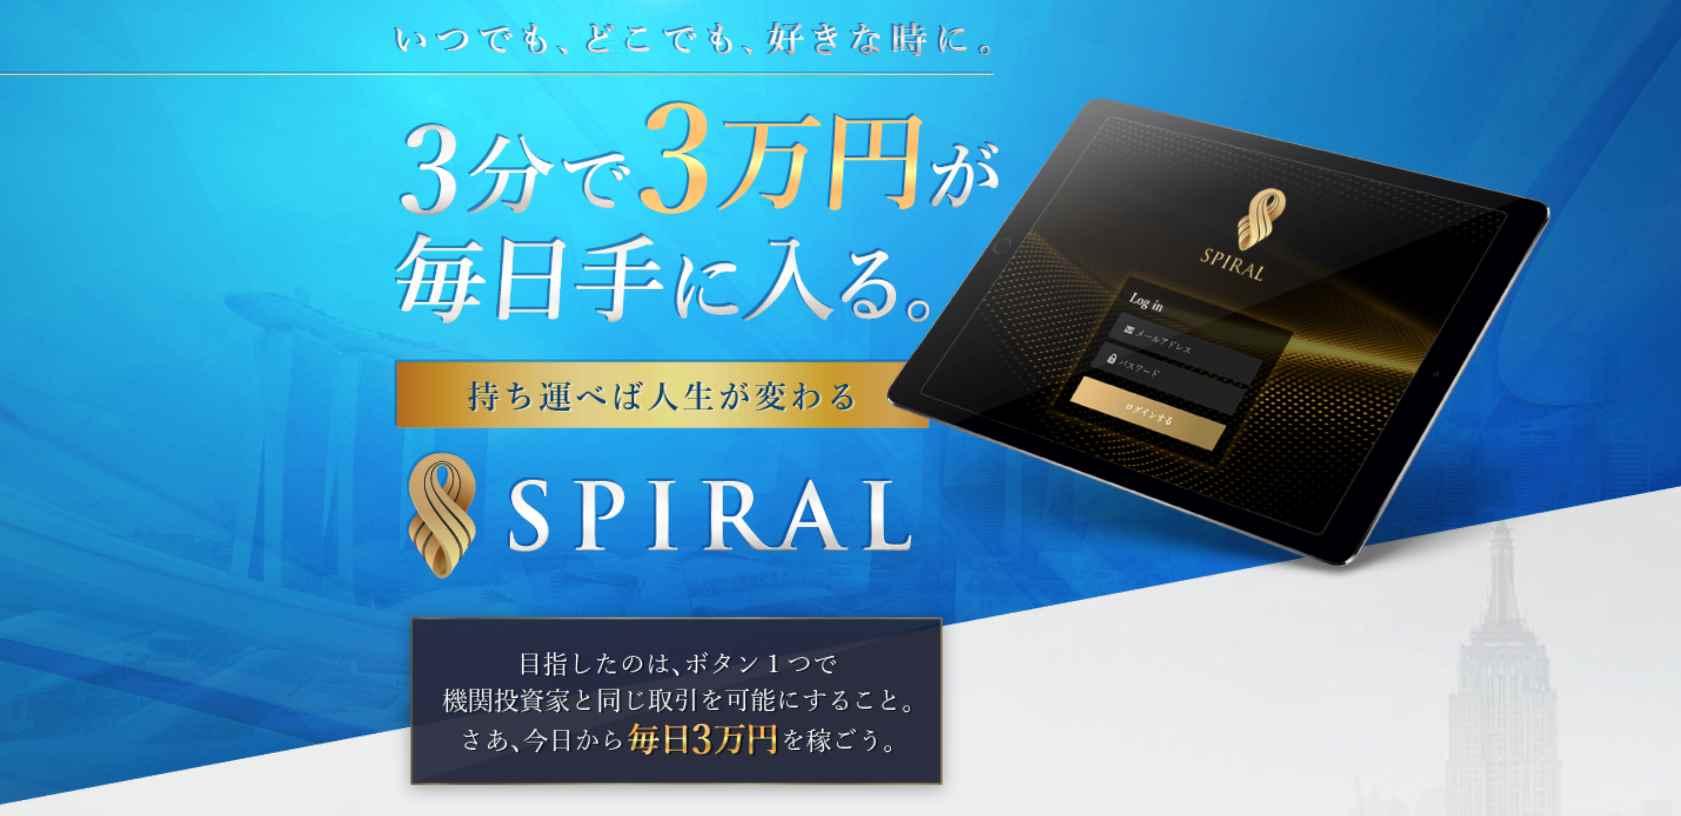 桐生秀臣 SPIRAL(スパイラル)で毎日3万円稼げる?副業口コミ調査